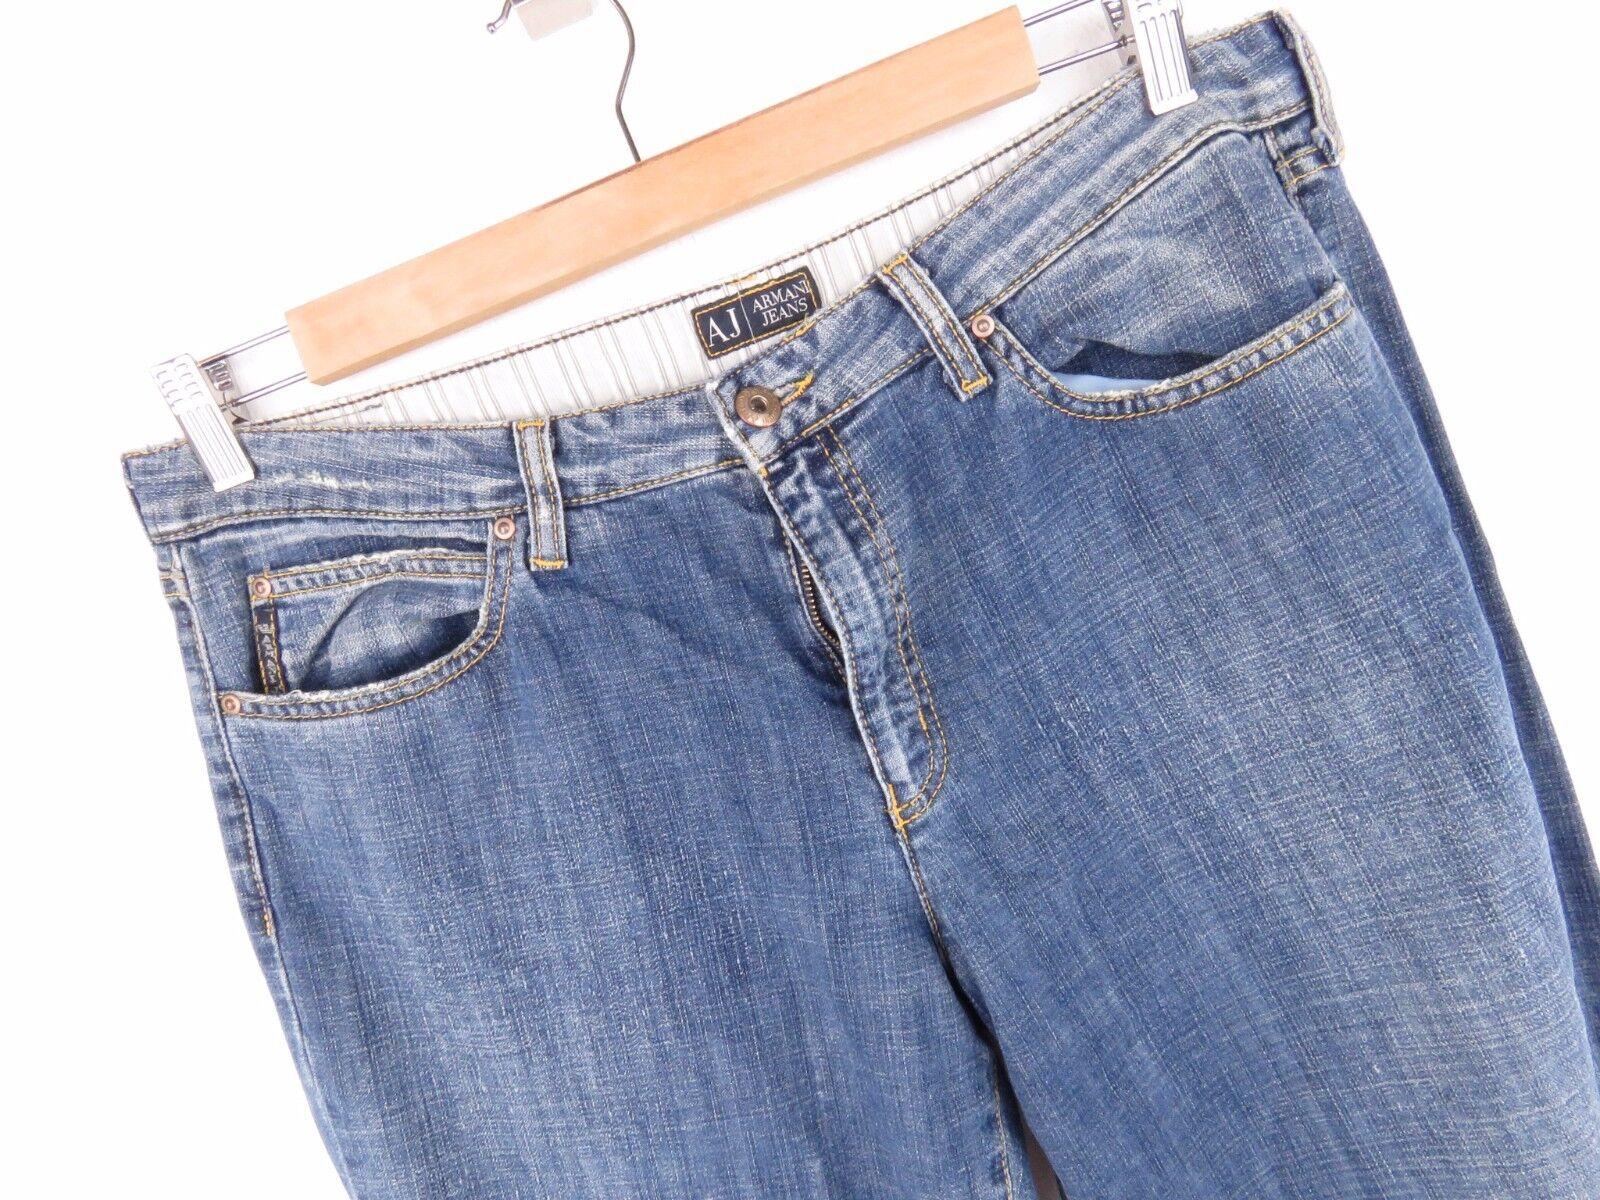 Jy2712 Armani Jeans Hose Original Premium Vintage Hergestellt in Italien Größe